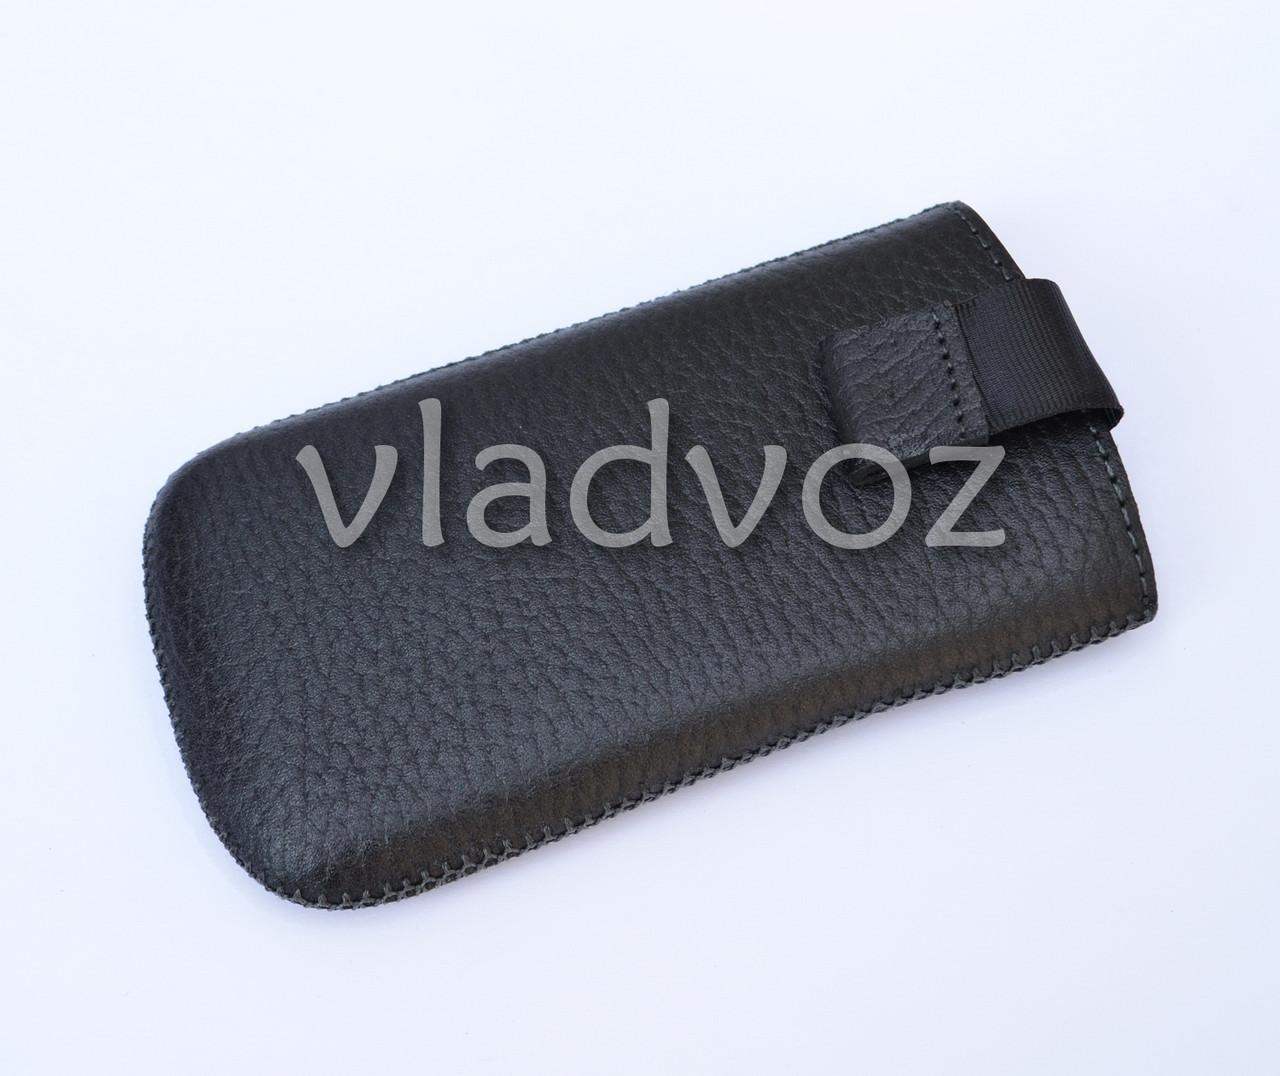 Чехол пенал Nokia 5800, 5230, 5228 плотный